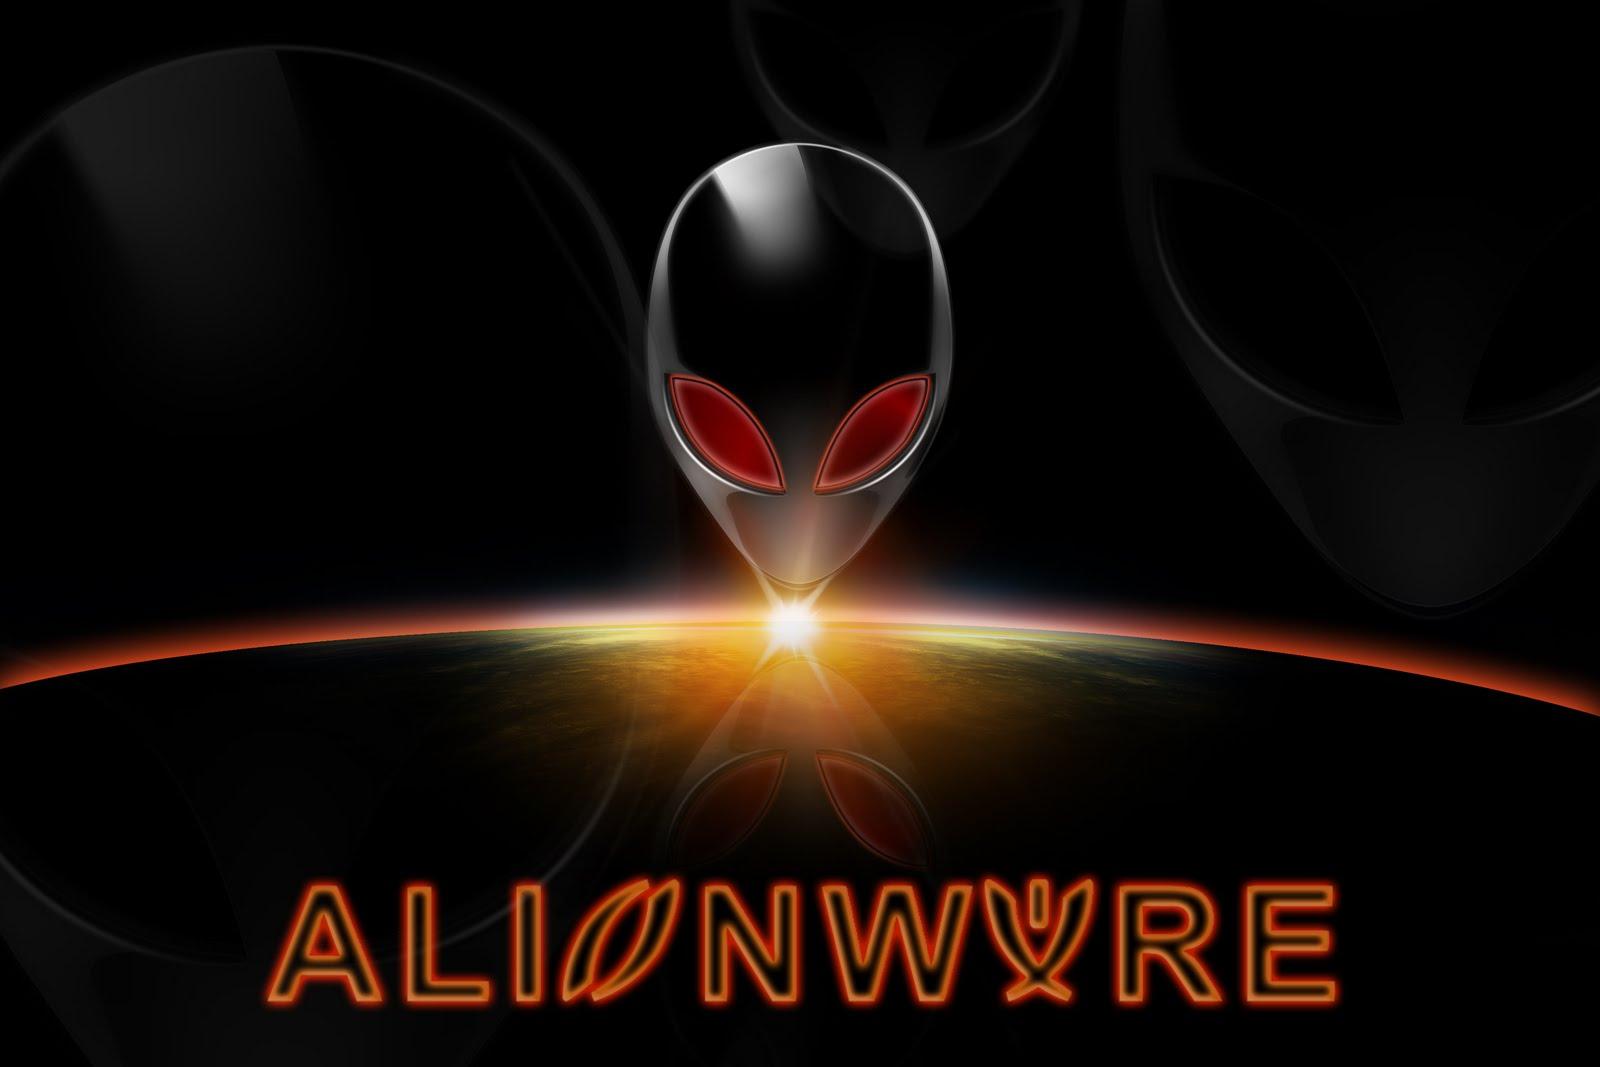 http://3.bp.blogspot.com/-0f2ceopNToY/TWb-WDEKXEI/AAAAAAAAAK0/nY2rDJYn9sw/s1600/Alienware_wallpaper1.jpg